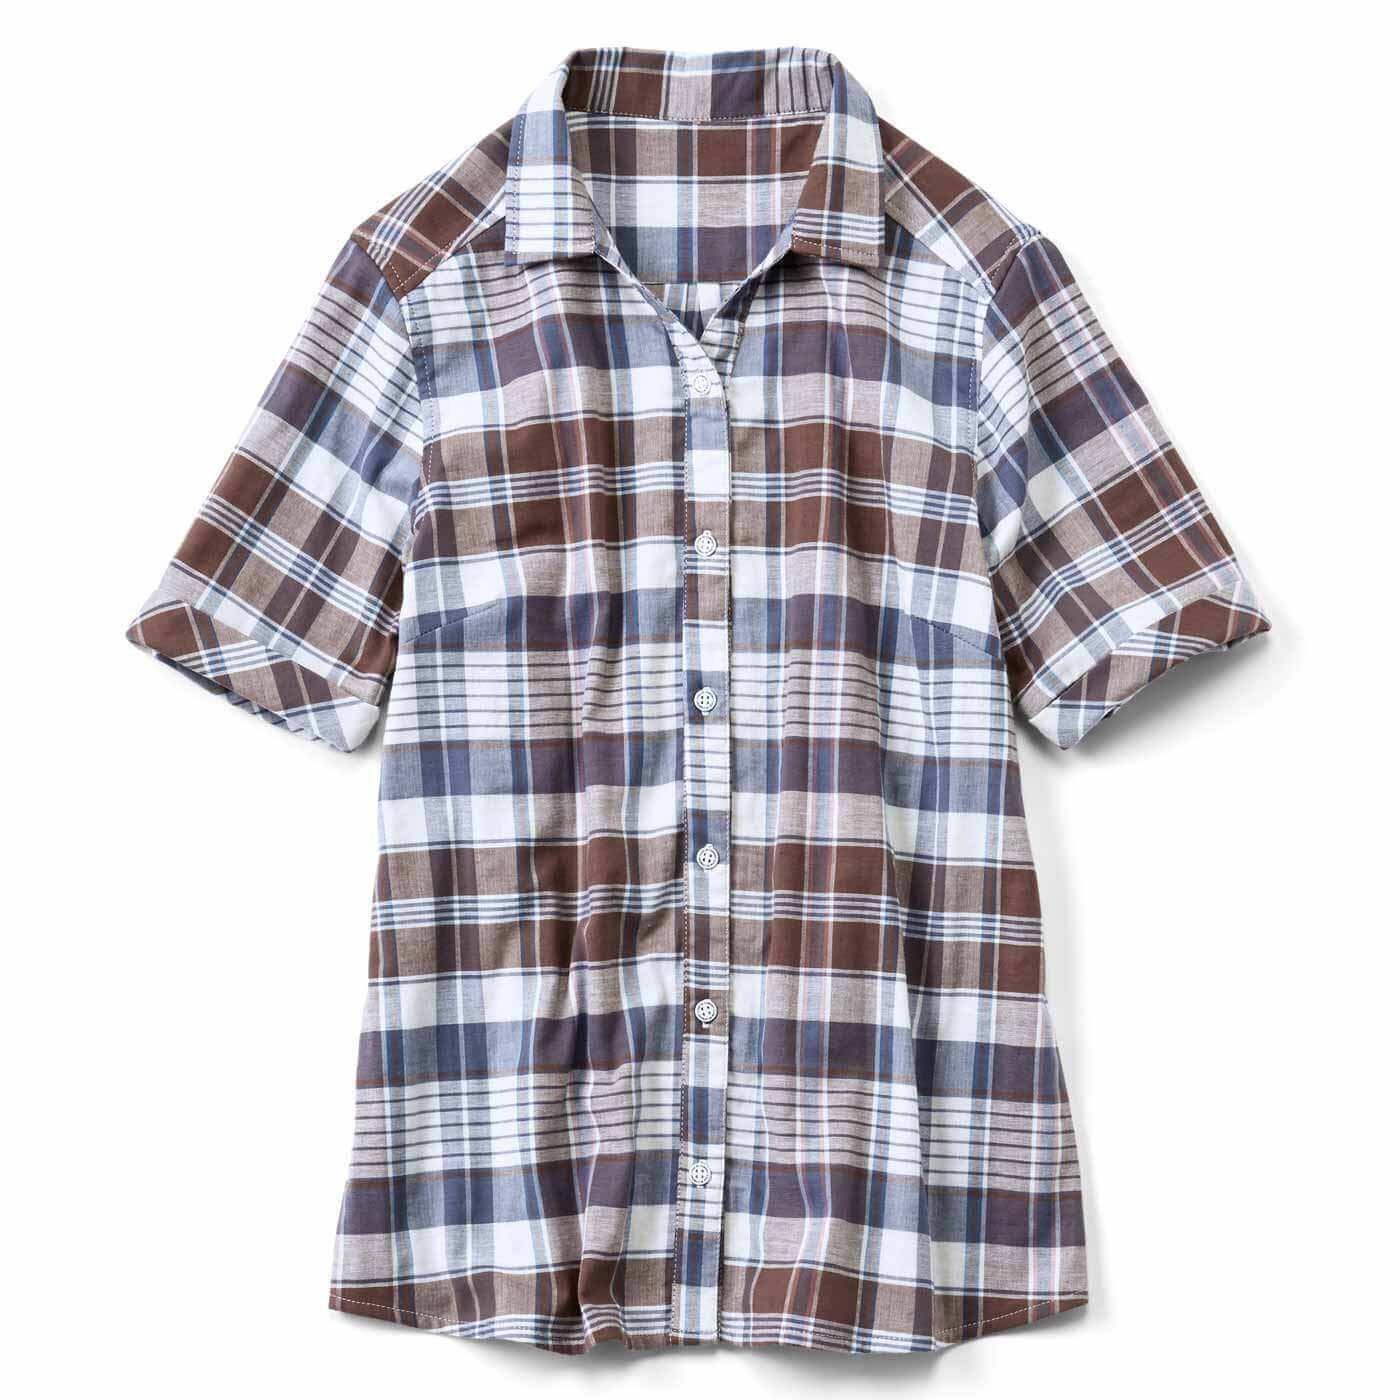 リブ イン コンフォート 肌心地やさしく伸びる! ダブルガーゼスキッパーシャツ〈ブラウンチェック〉